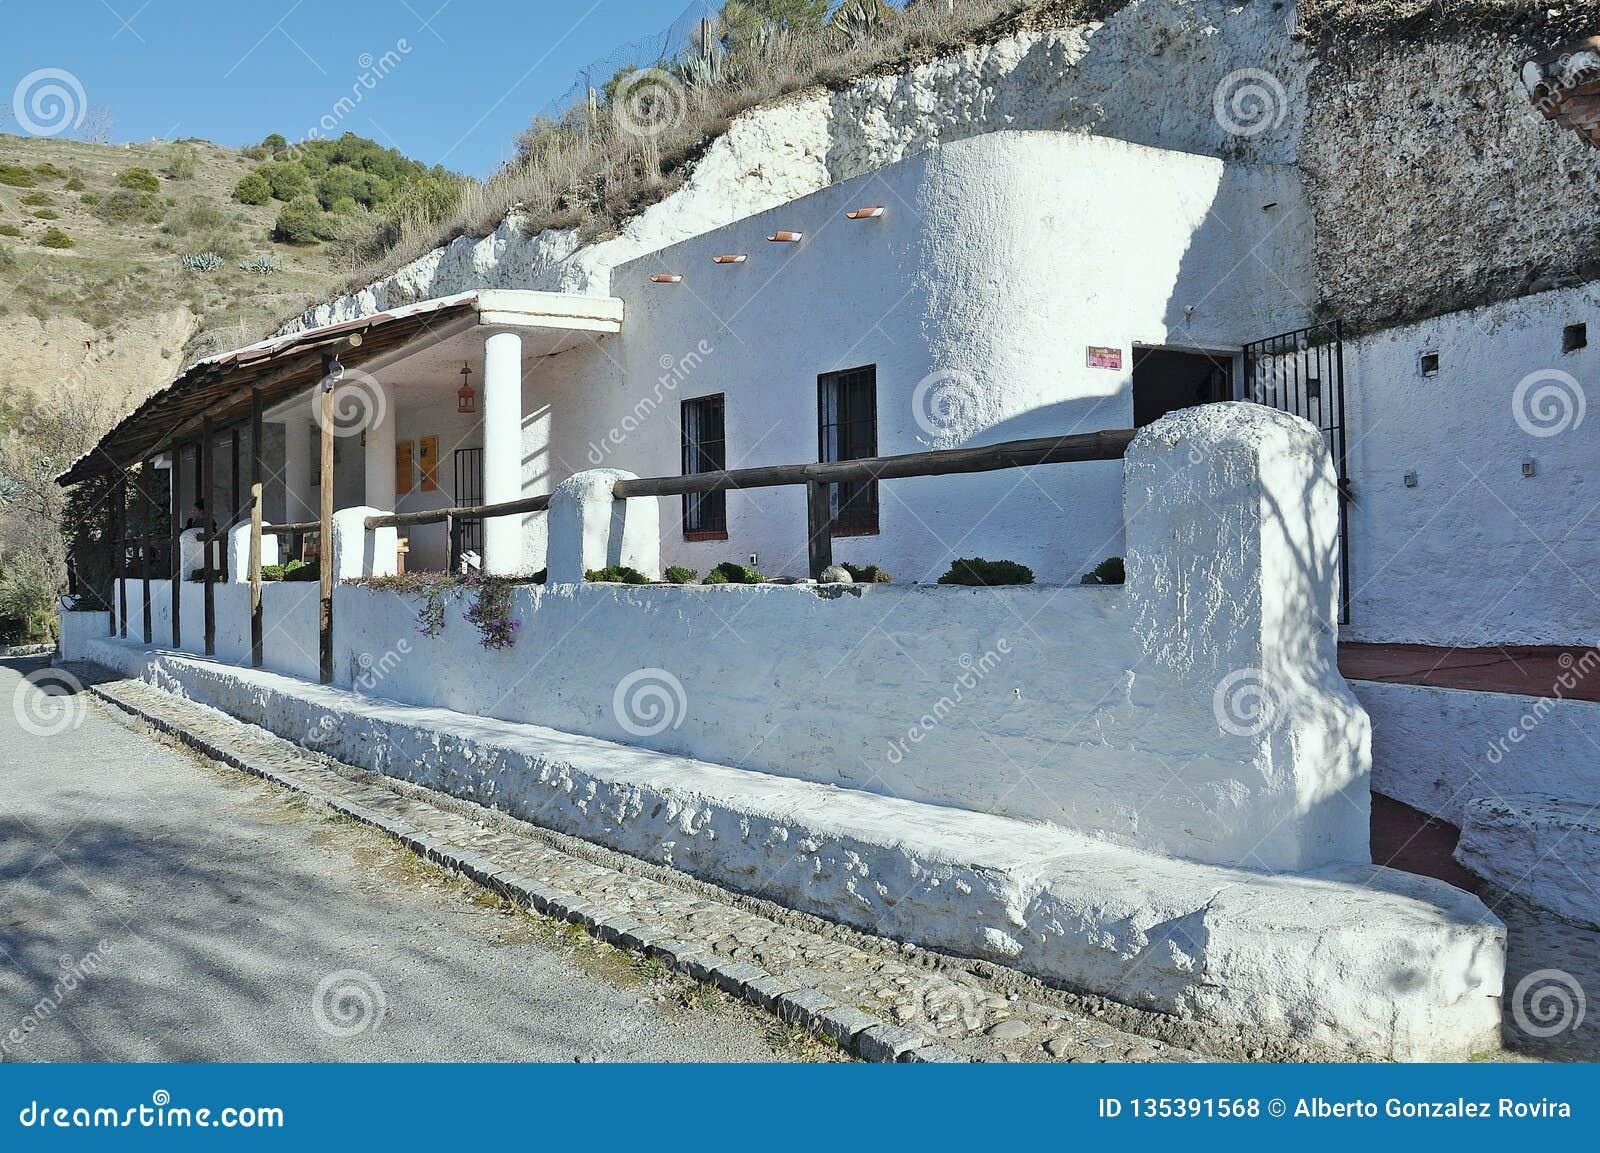 Museum Caves Sacromonte Of Granada Editorial Stock Photo